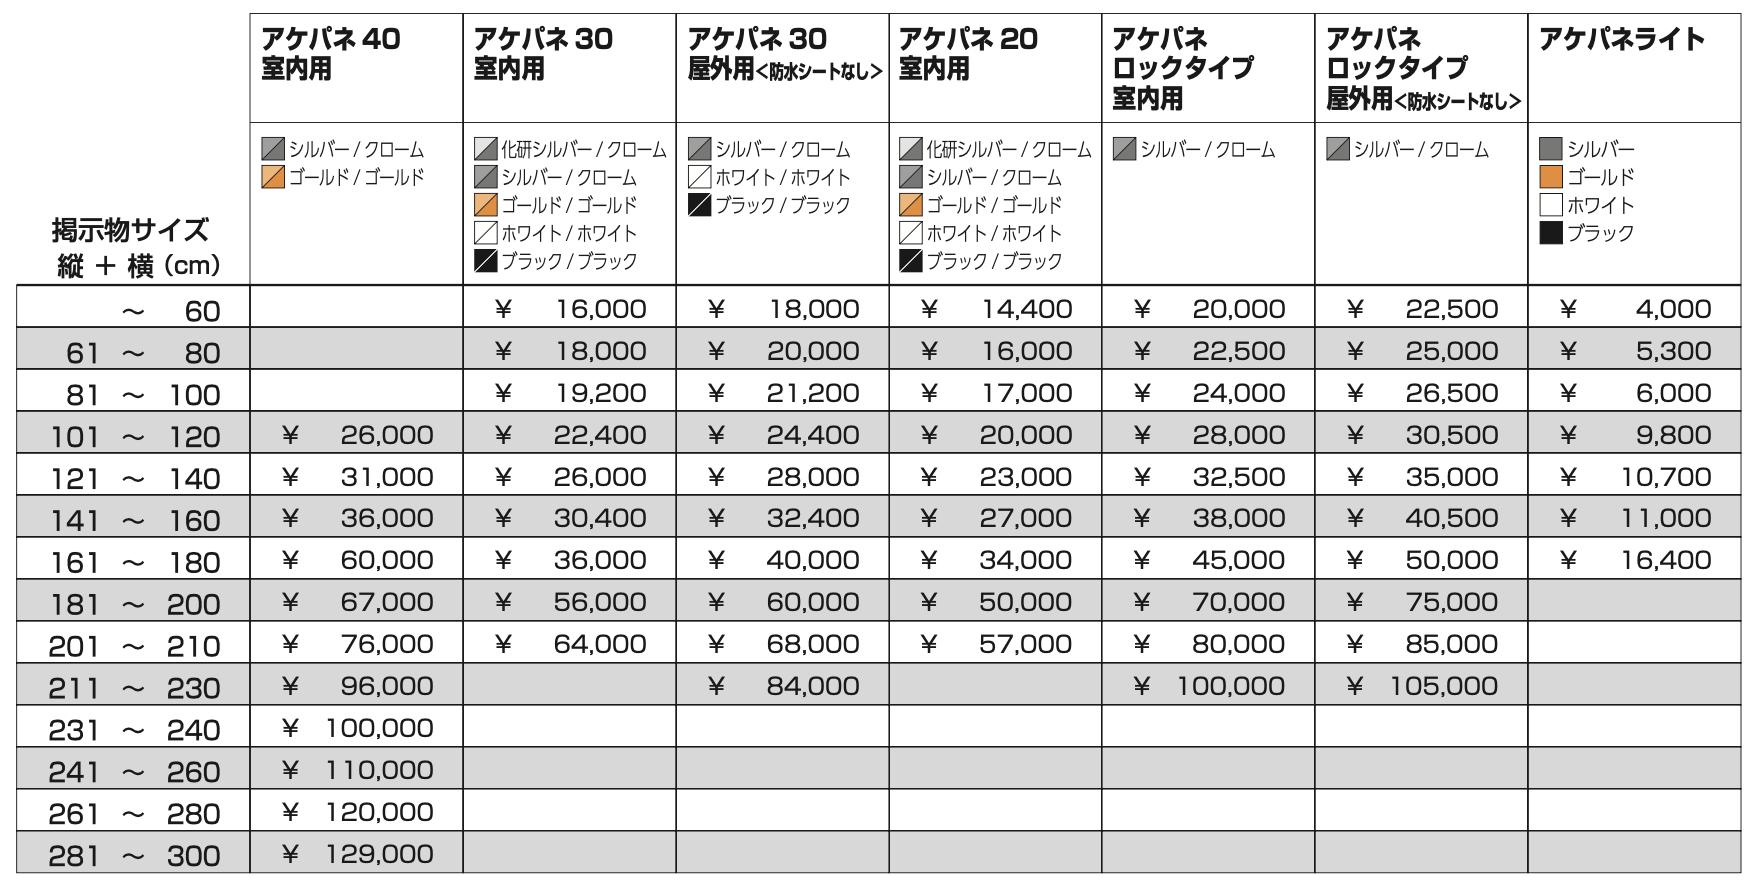 アケパネ / アケパネロックタイプ / アケパネライト 別寸価格表